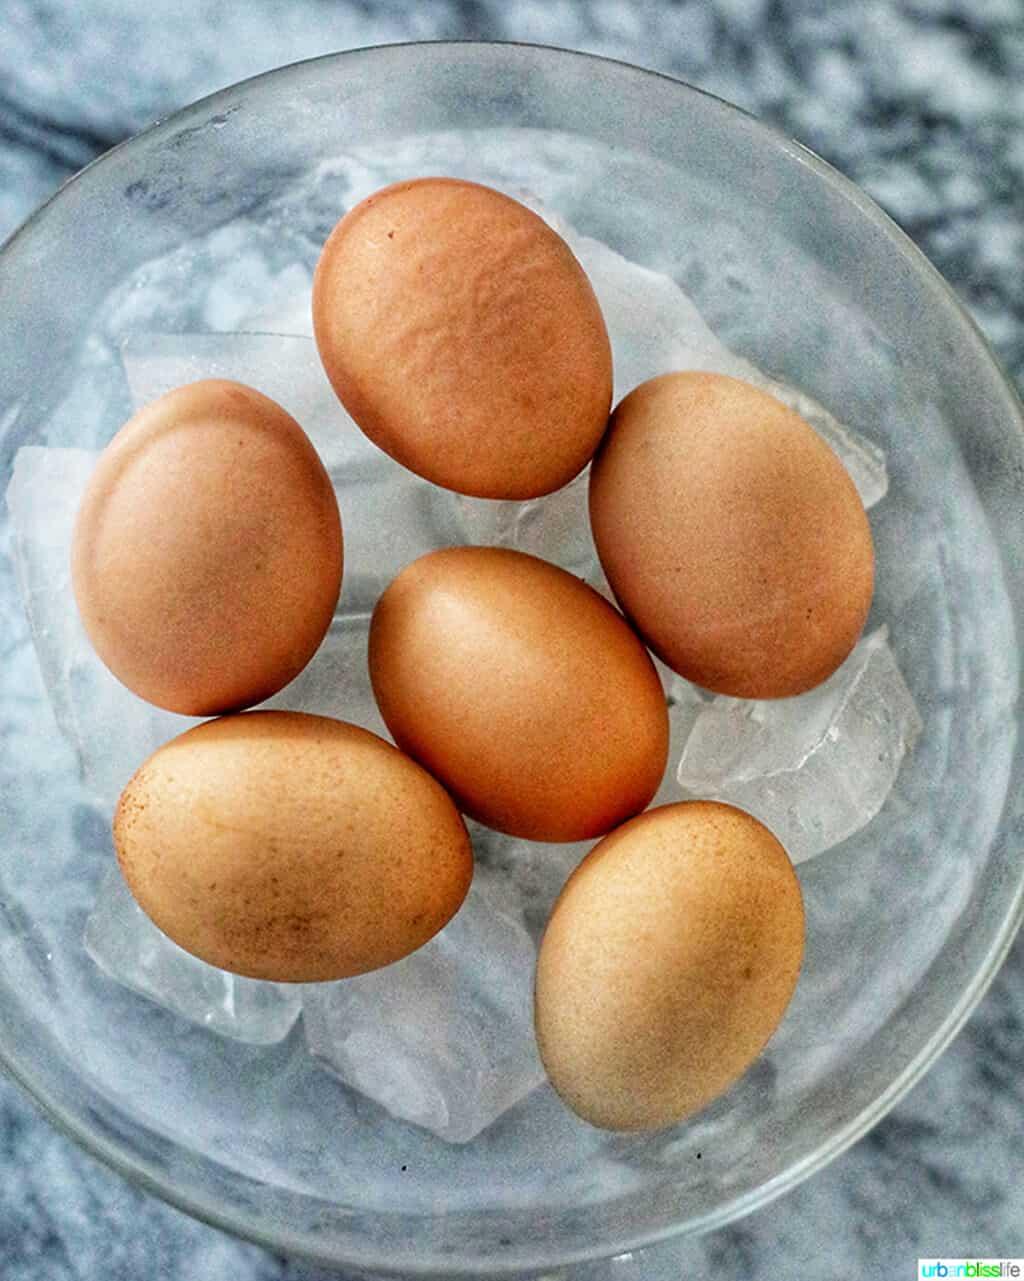 hard boiled eggs in an ice bath